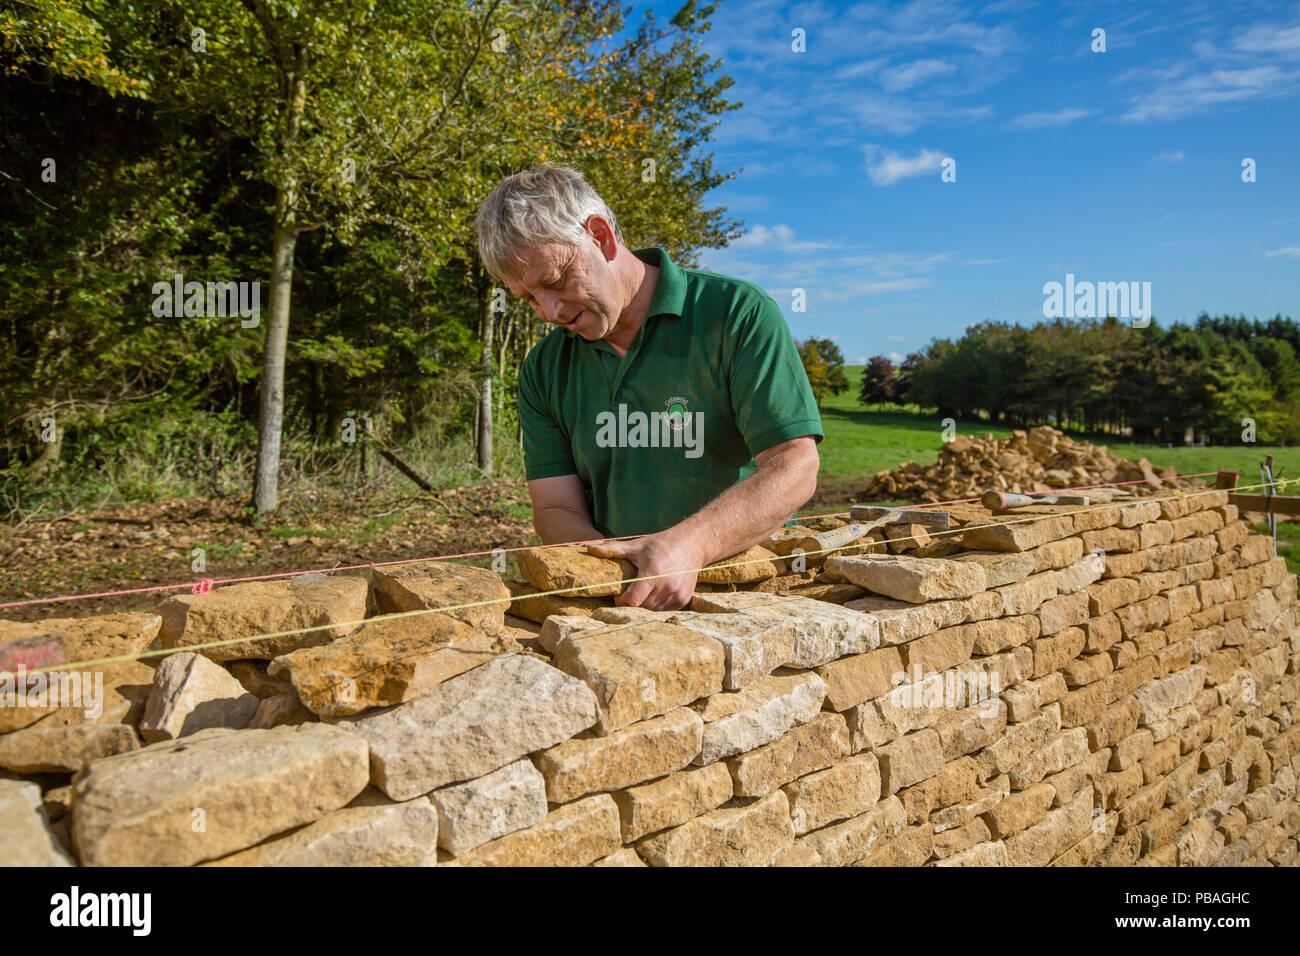 Tradizionale in pietra a secco waller lavora con Cotswolds calcare costruendo un muro, Guiting Power, Gloucestershire, UK. Ottobre 2015. Immagini Stock